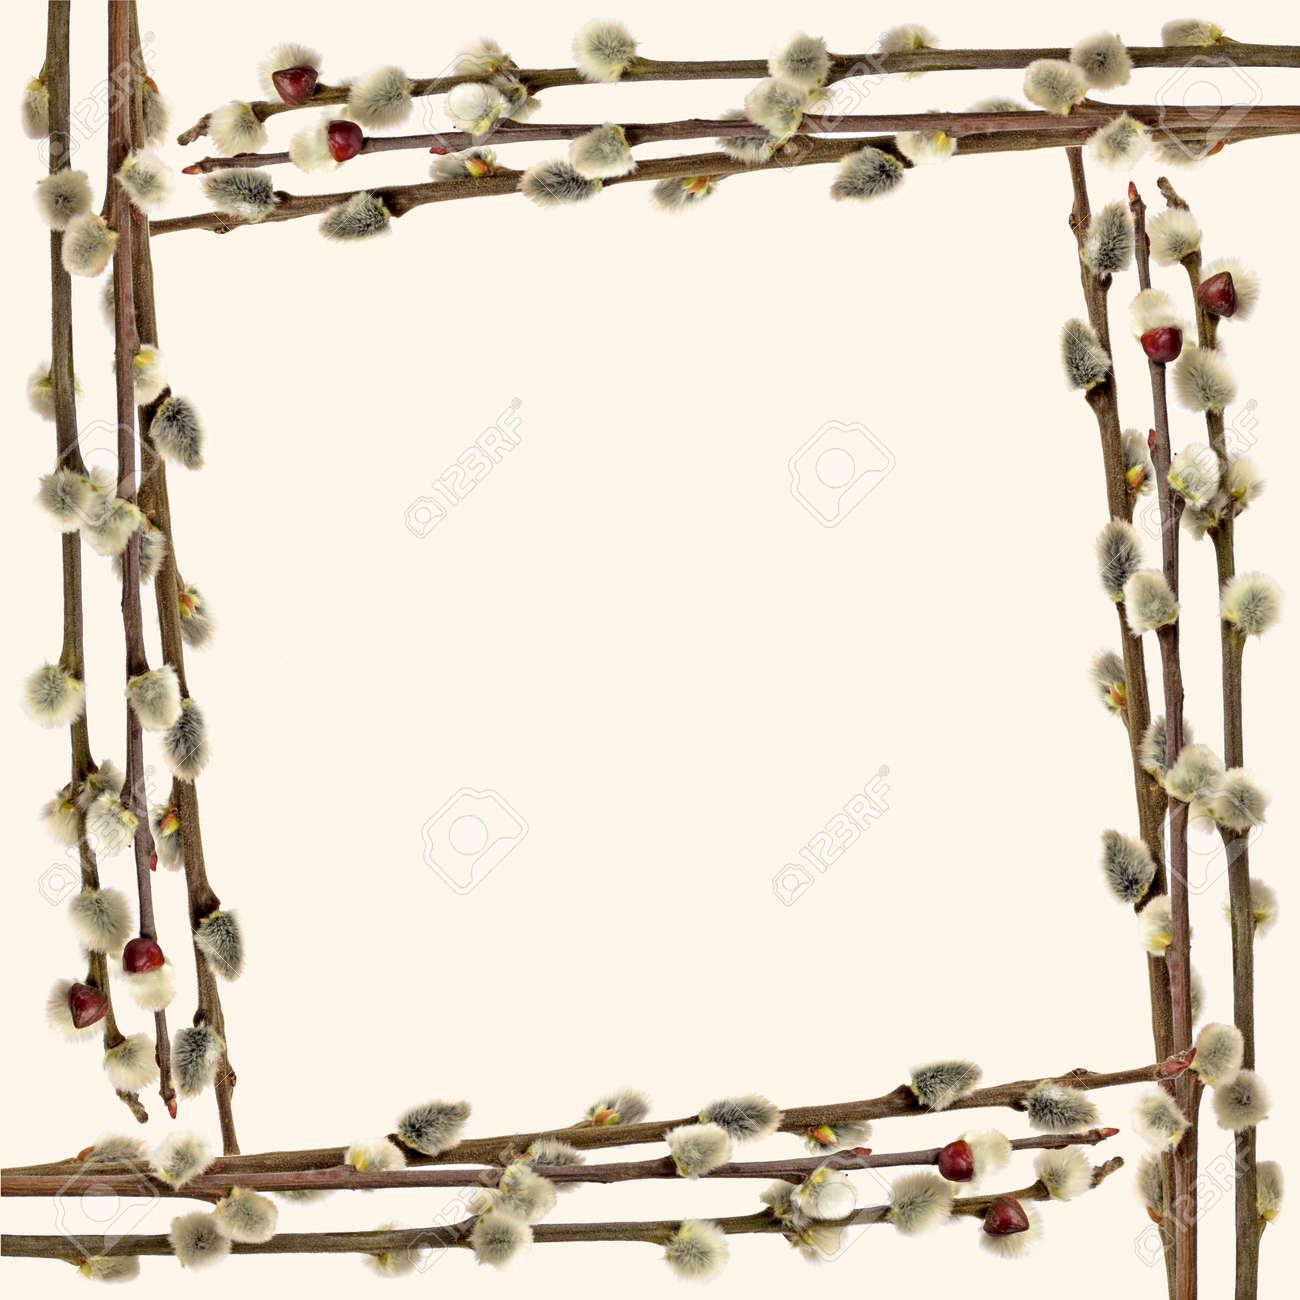 Der Rahmen Von Weidenzweigen. Getrennt Auf Weißem Hintergrund ...